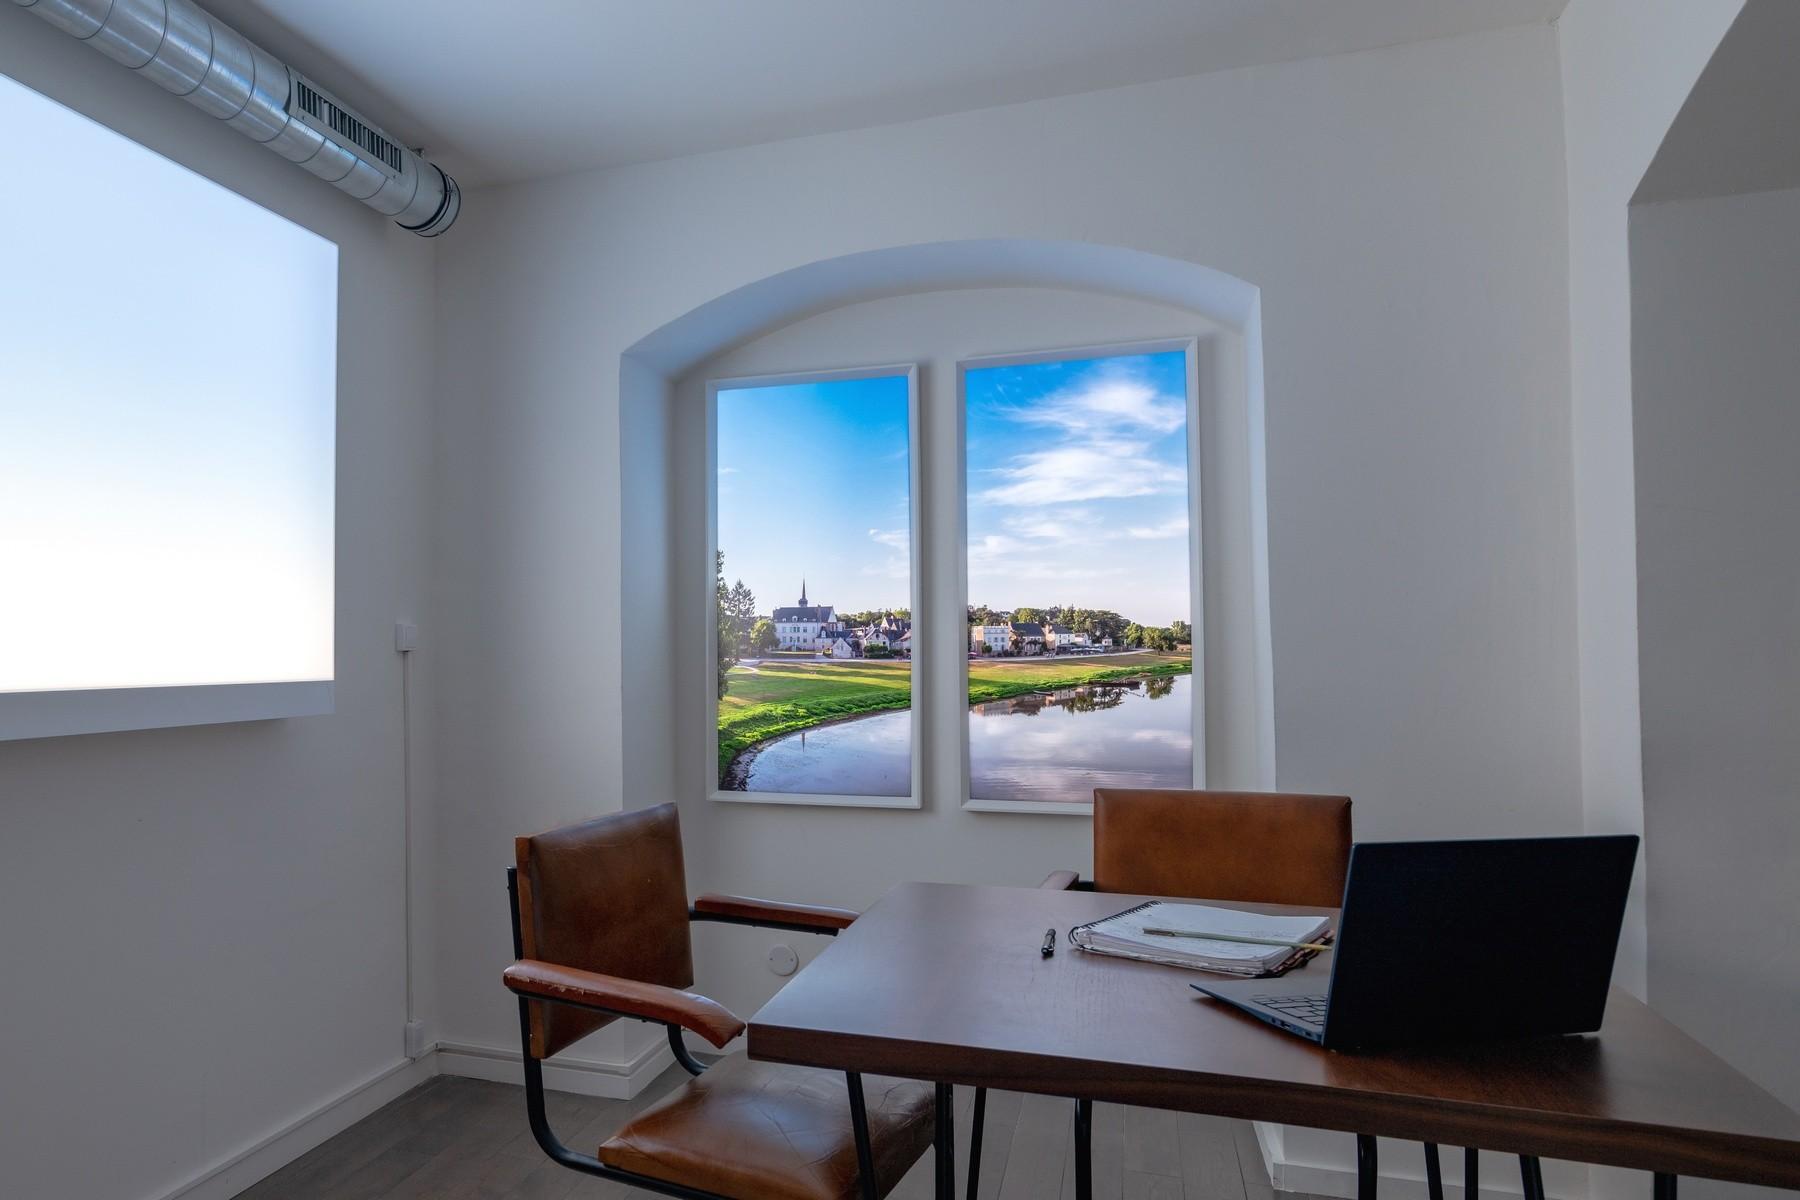 Fenêtres lumineuse évolution verticales pour une salle de réunion en sous-sol.